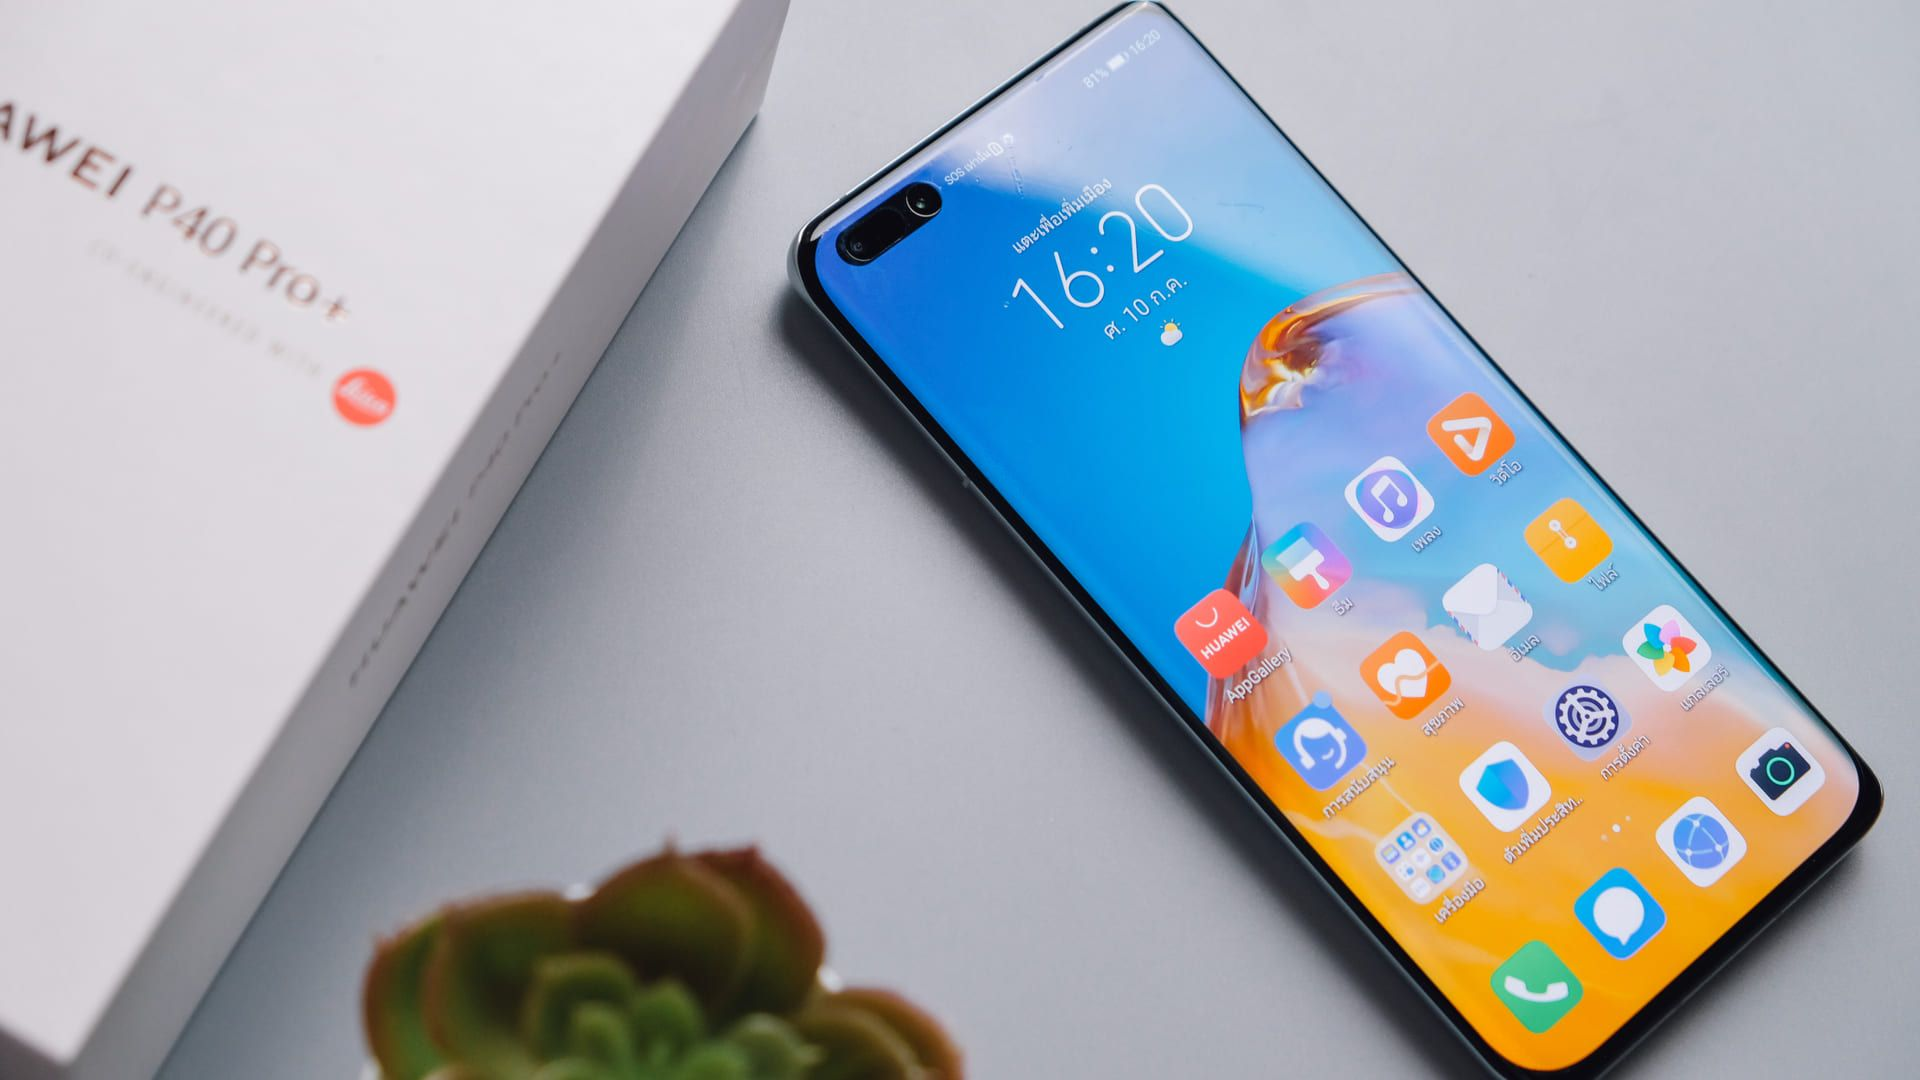 A Huawei tem modelos de celular de última geração no quesito câmera (Foto: Framesira / Shutterstock.com)